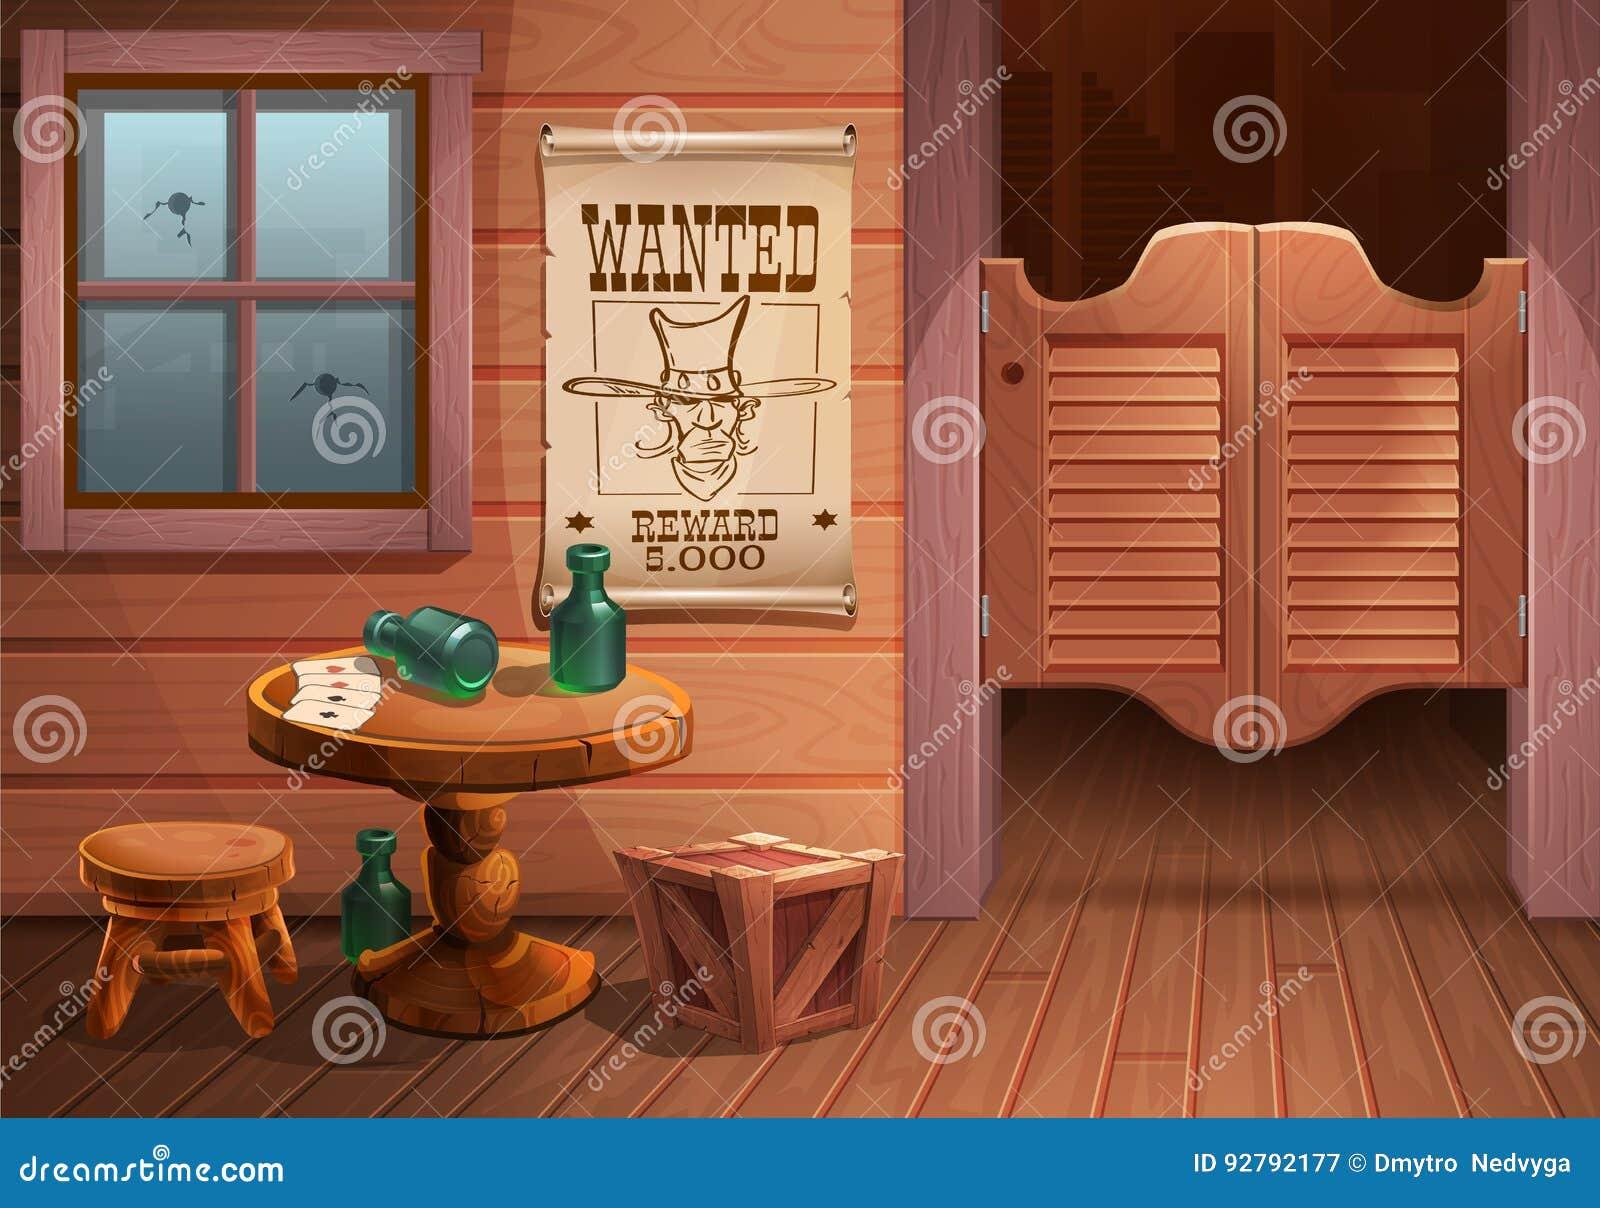 Wilde Westhintergrundszene - Tür des Saals, Tabelle mit Stuhl und Plakat mit Cowboy stellen gegenüber und die Aufschrift wird gew